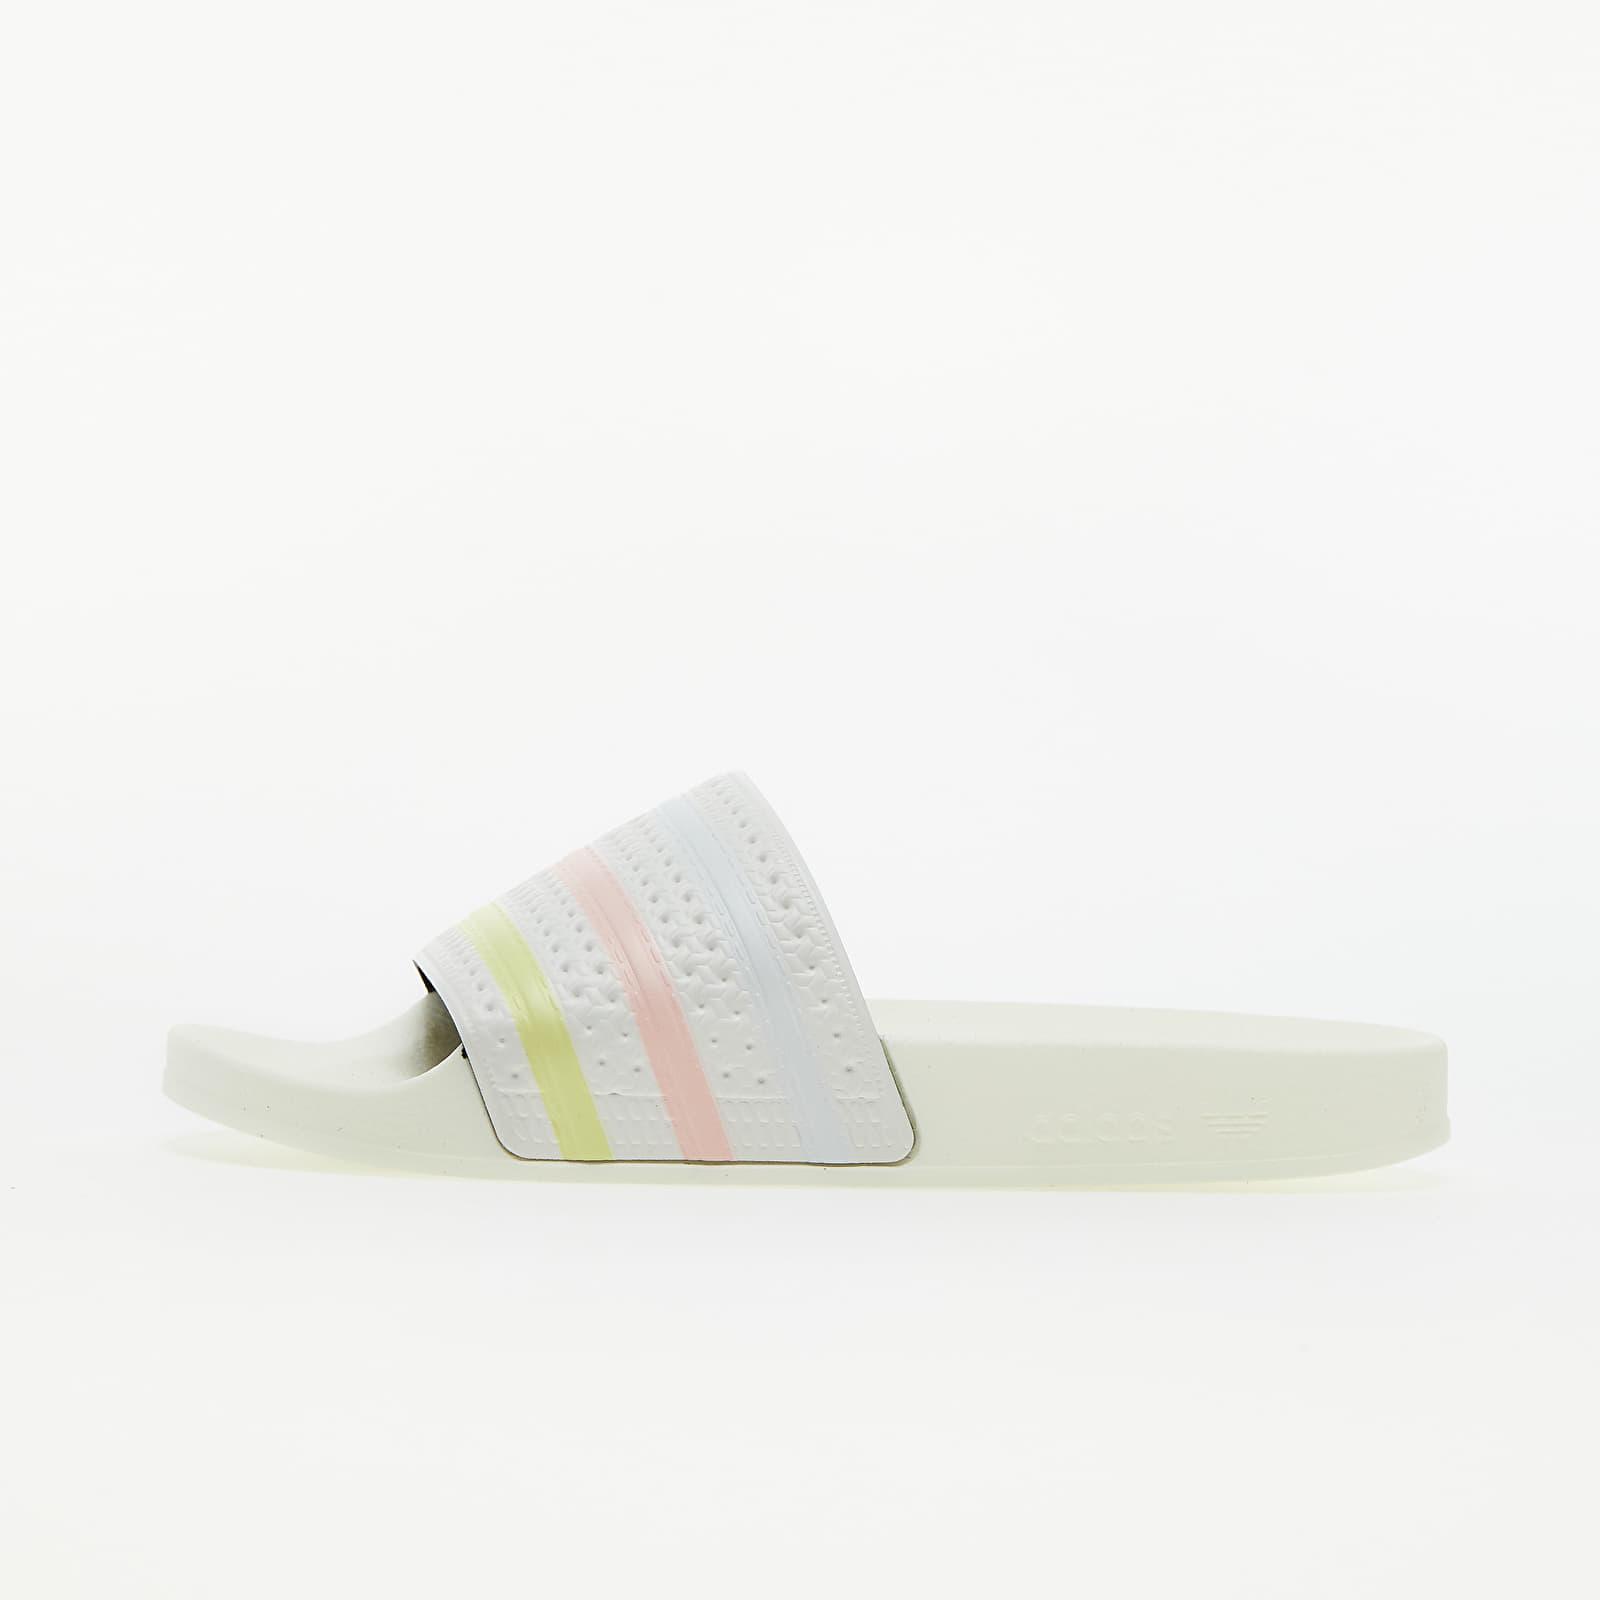 adidas Adilette W Off White/ Yellow Tint/ Pink Tint EUR 38